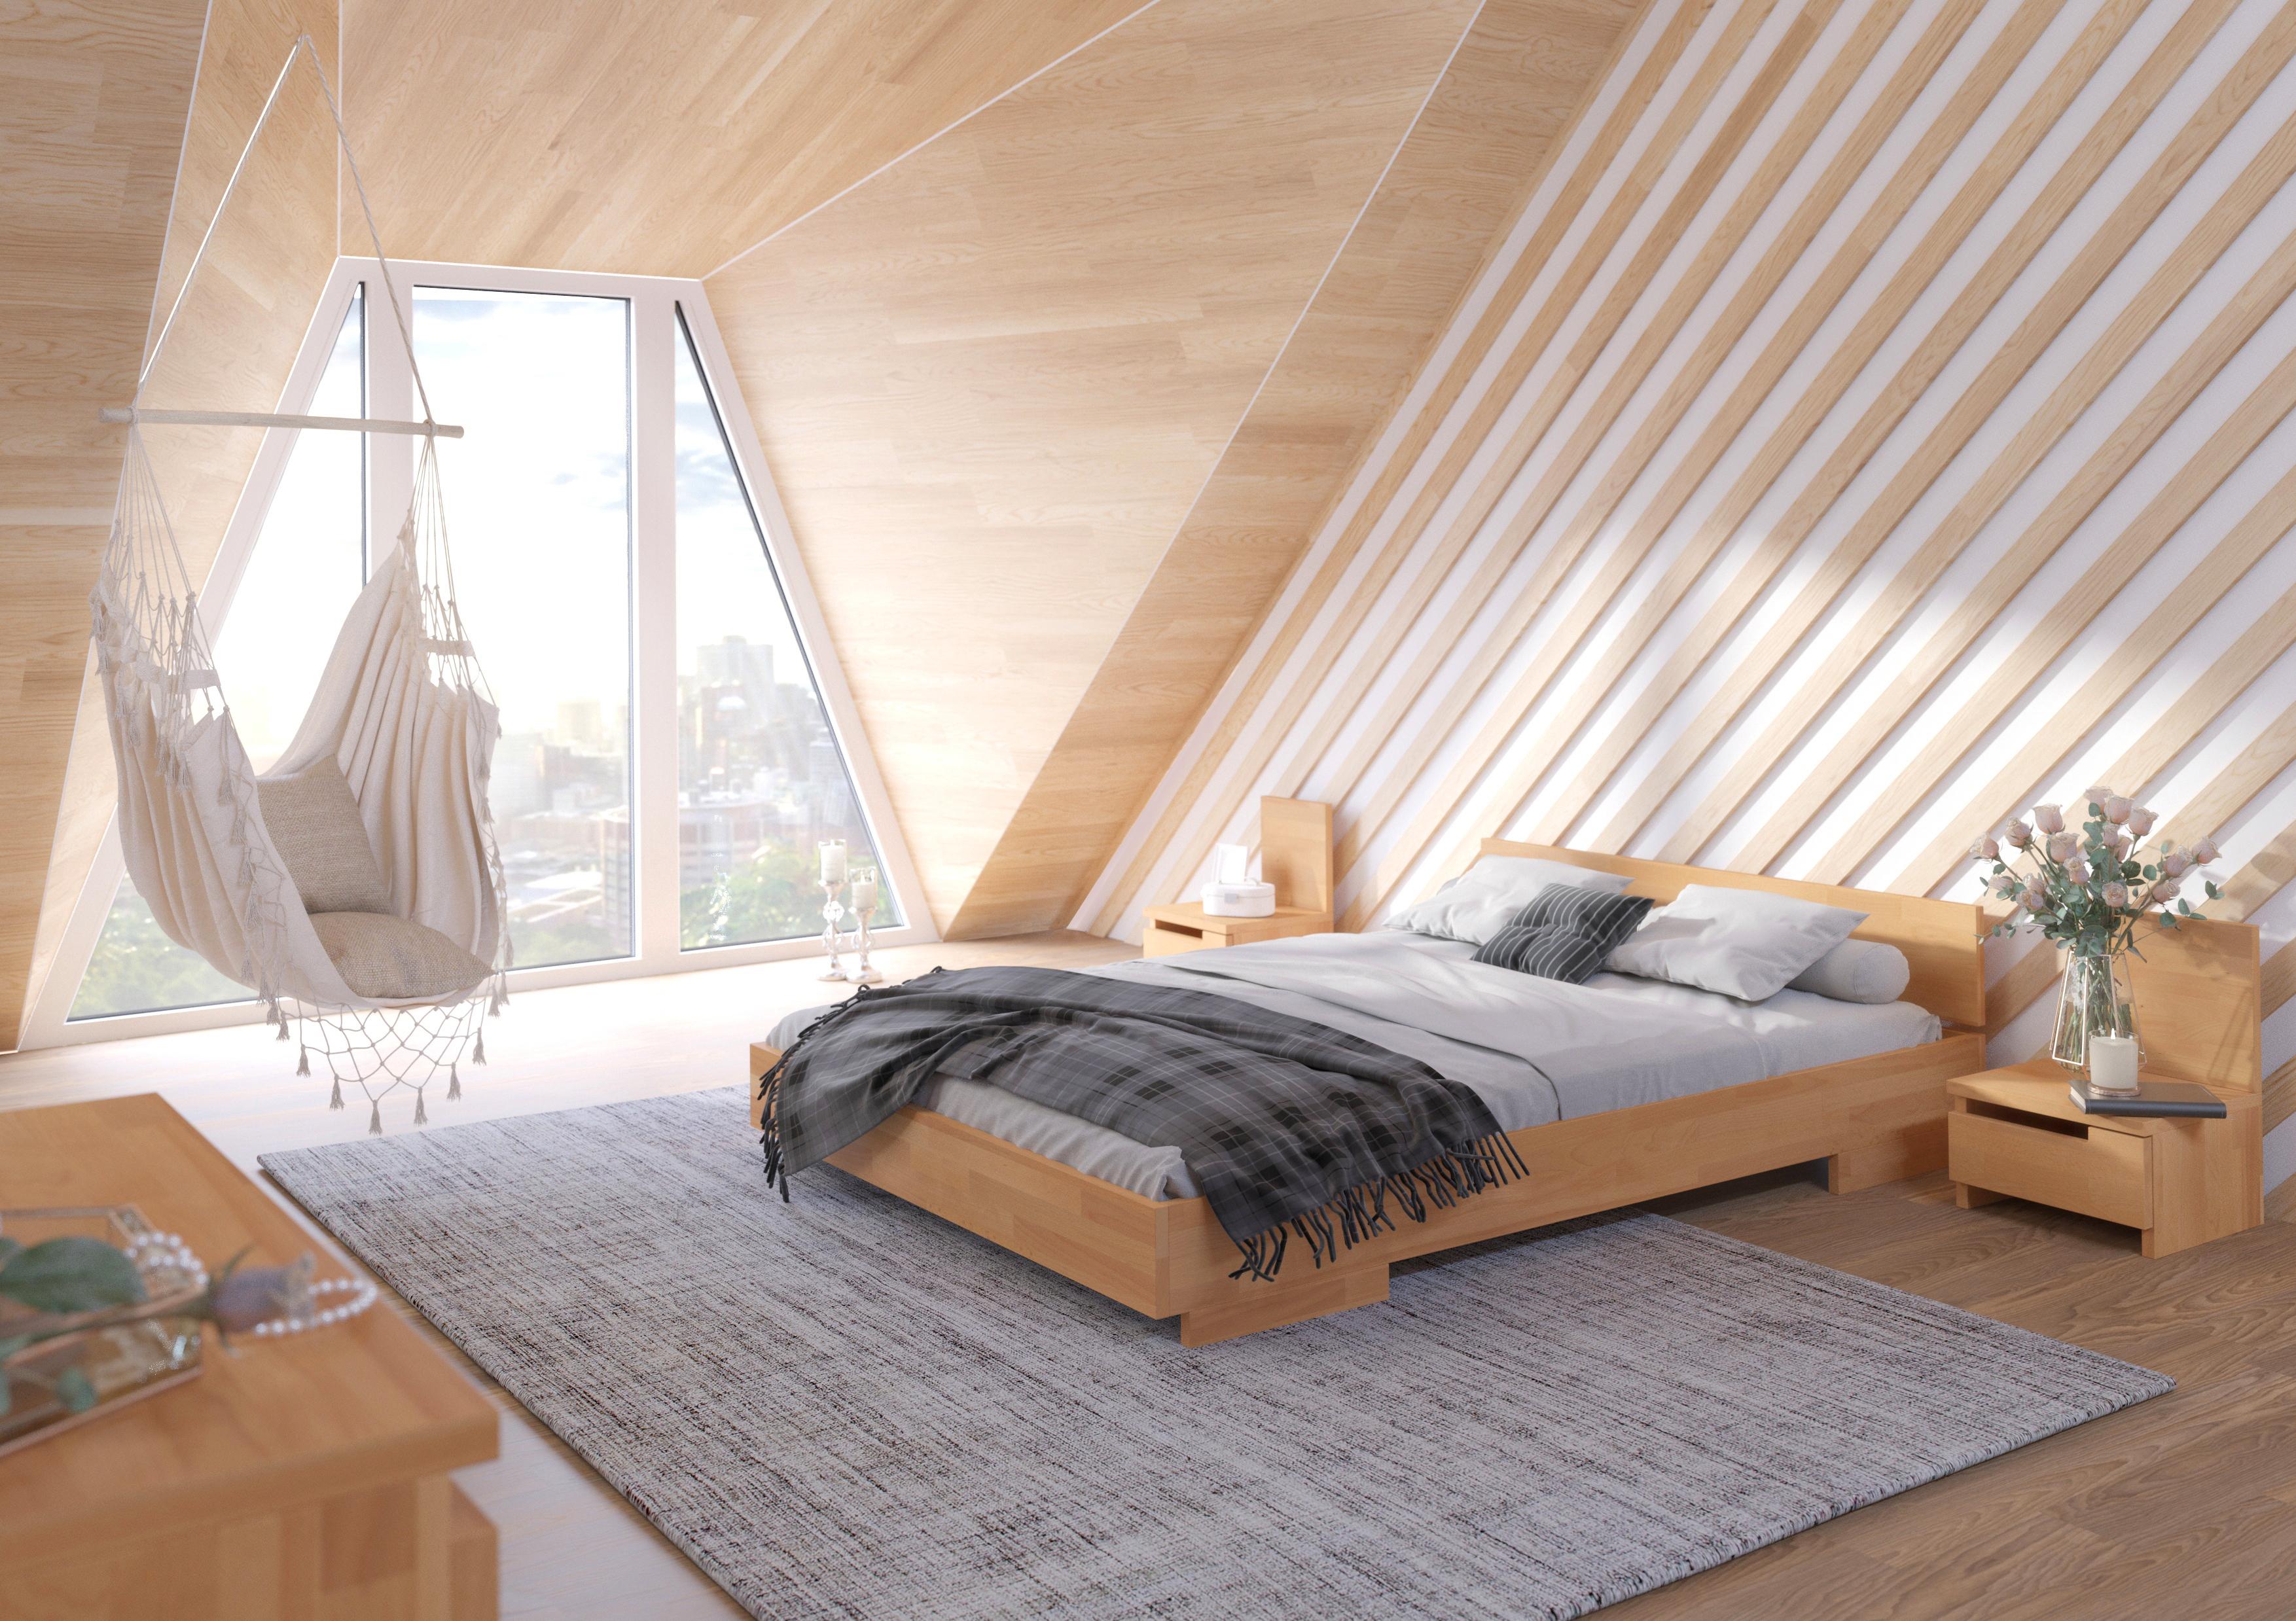 Sypialnia Na Poddaszu Z Dużym Drewnianym łóżkiem I Szafkami